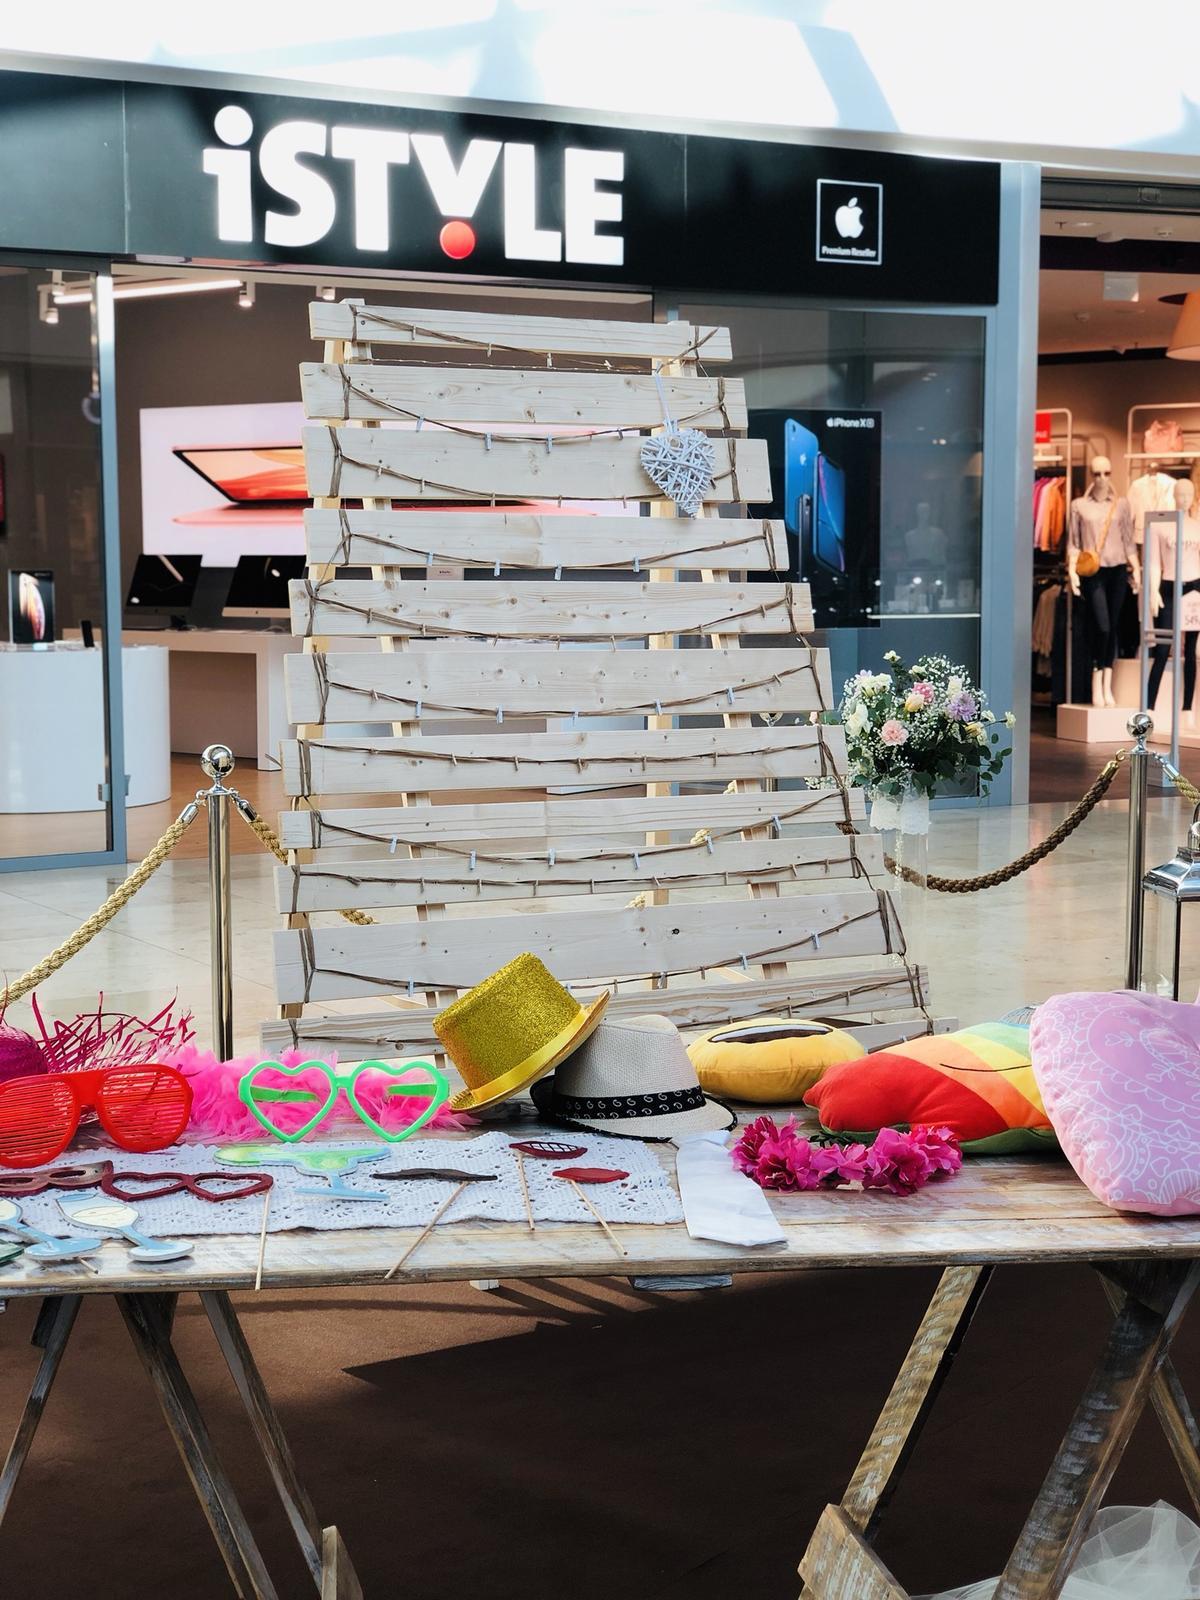 Půjčovna: stolů, lavic, židlí, ubrusů, potahů a dekorací - Obrázek č. 91